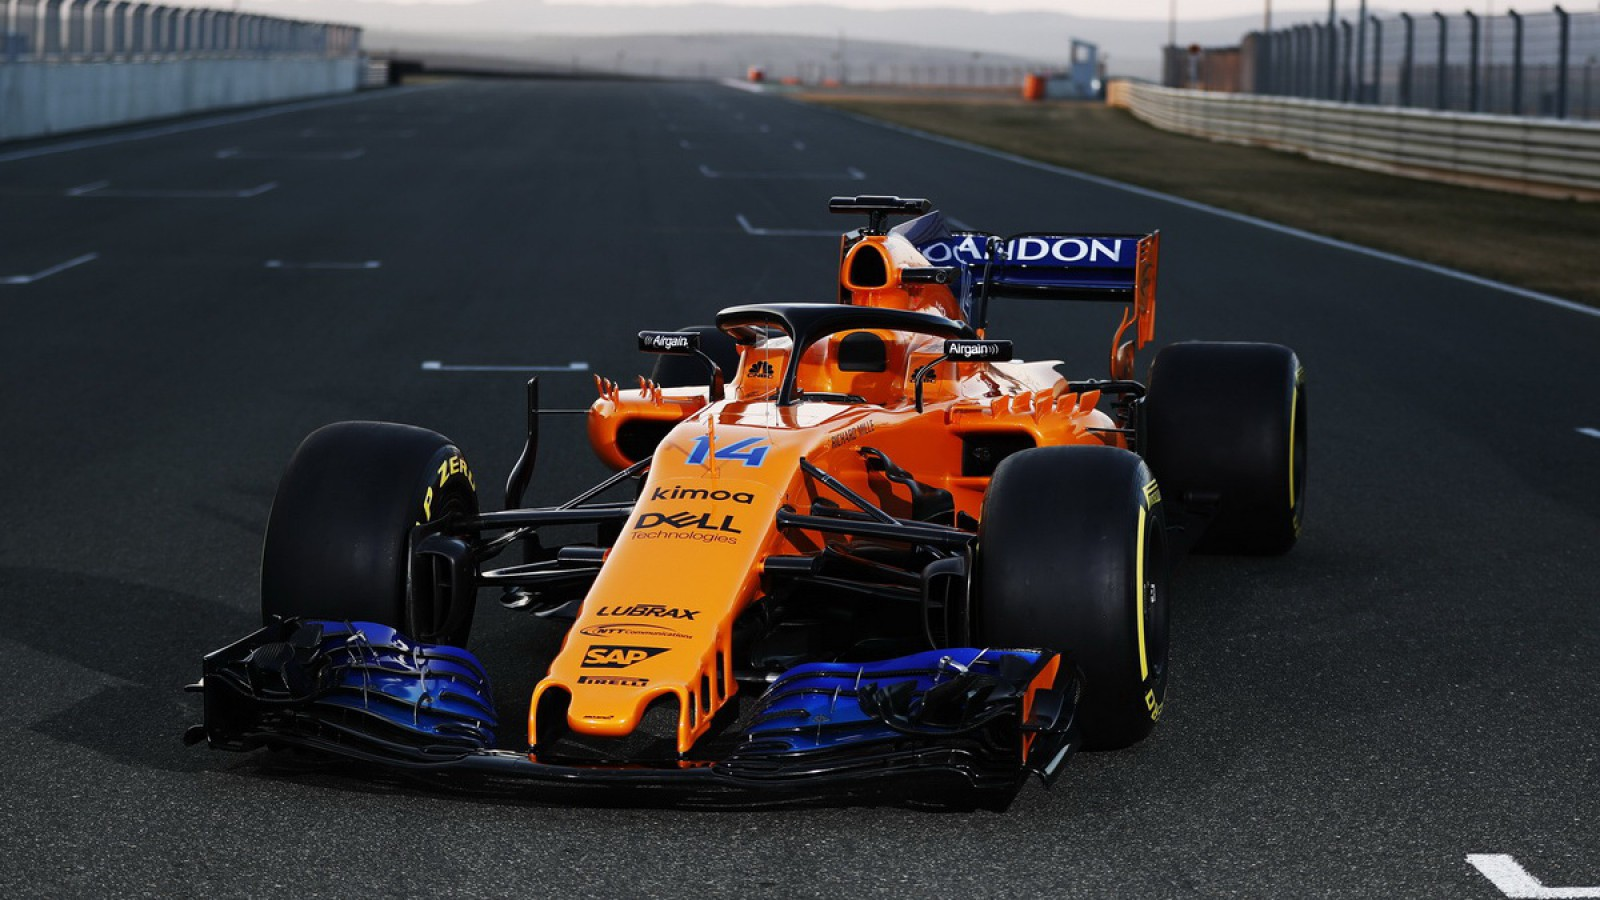 (video) McLaren F1 Team şi-a prezentat monopostul MCL33 care are în premieră un motor livrat de Renault